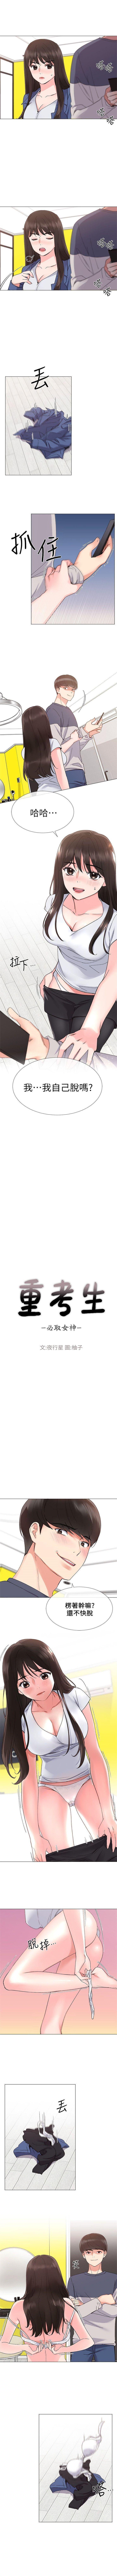 重考生 1-44 中文翻译(更新中) 90